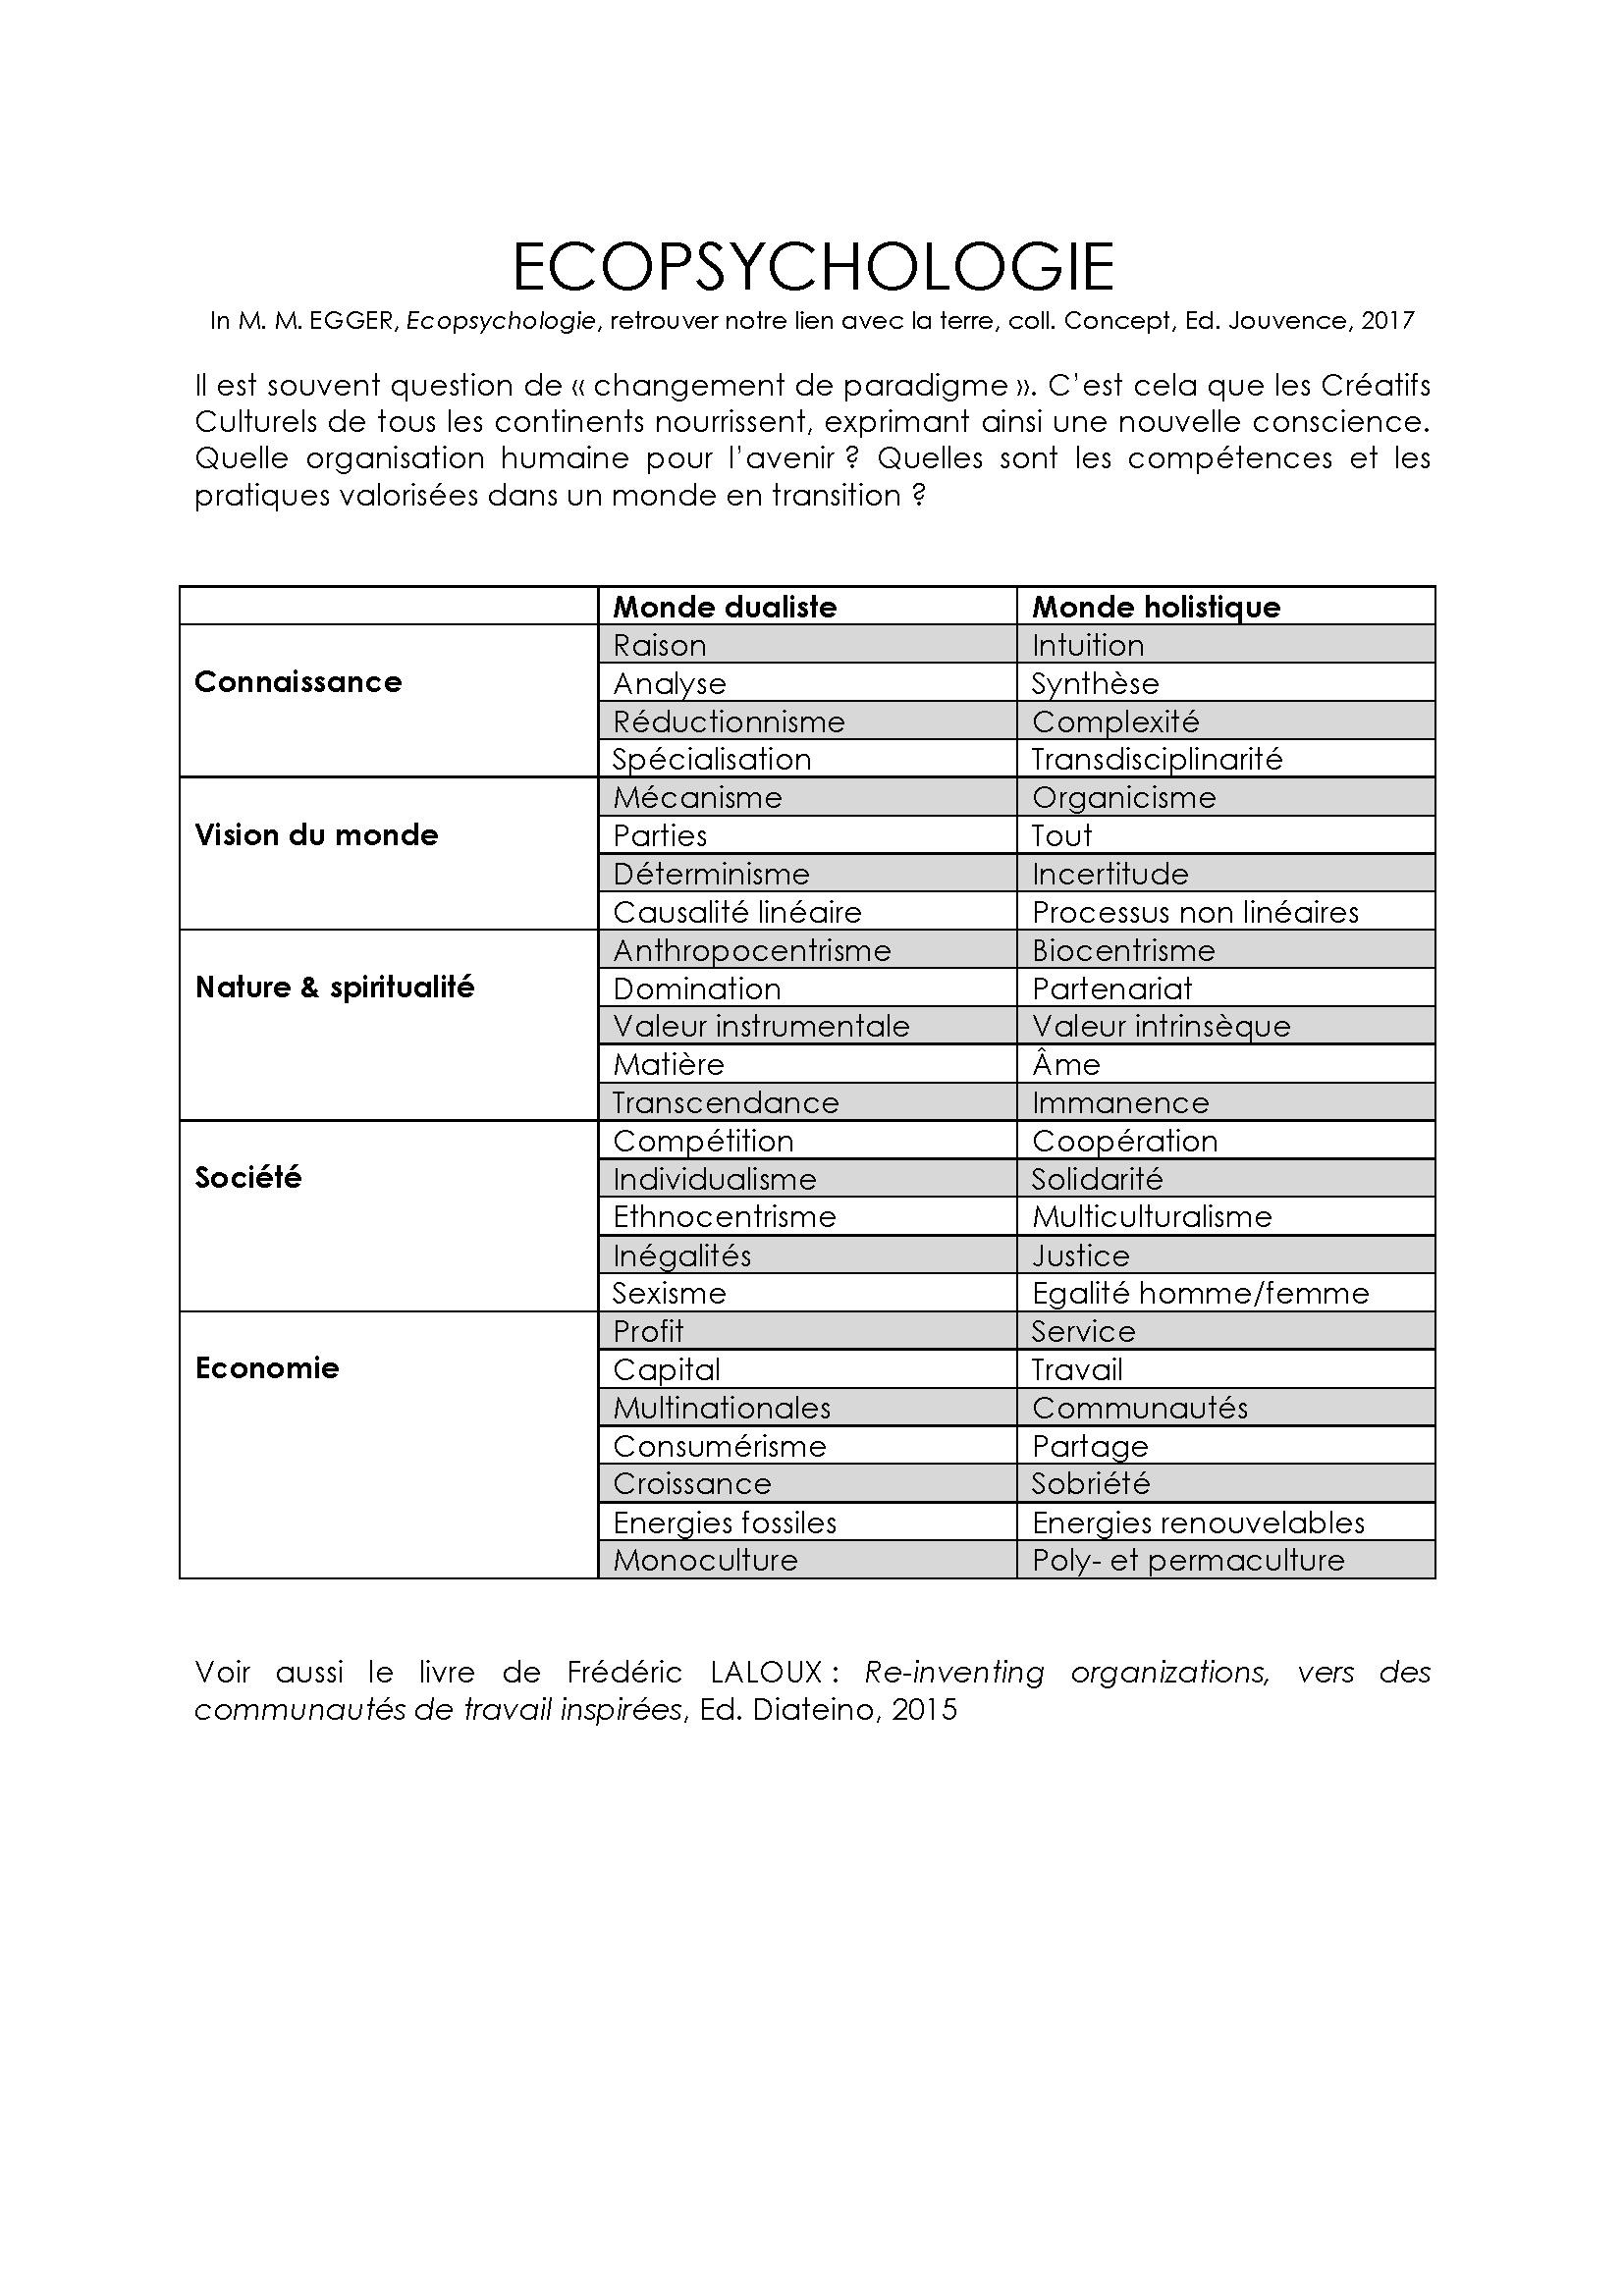 image SCHEMAS_PSYCHOLOGIQUES_SOCIAUX_Page_2.jpg (0.4MB)